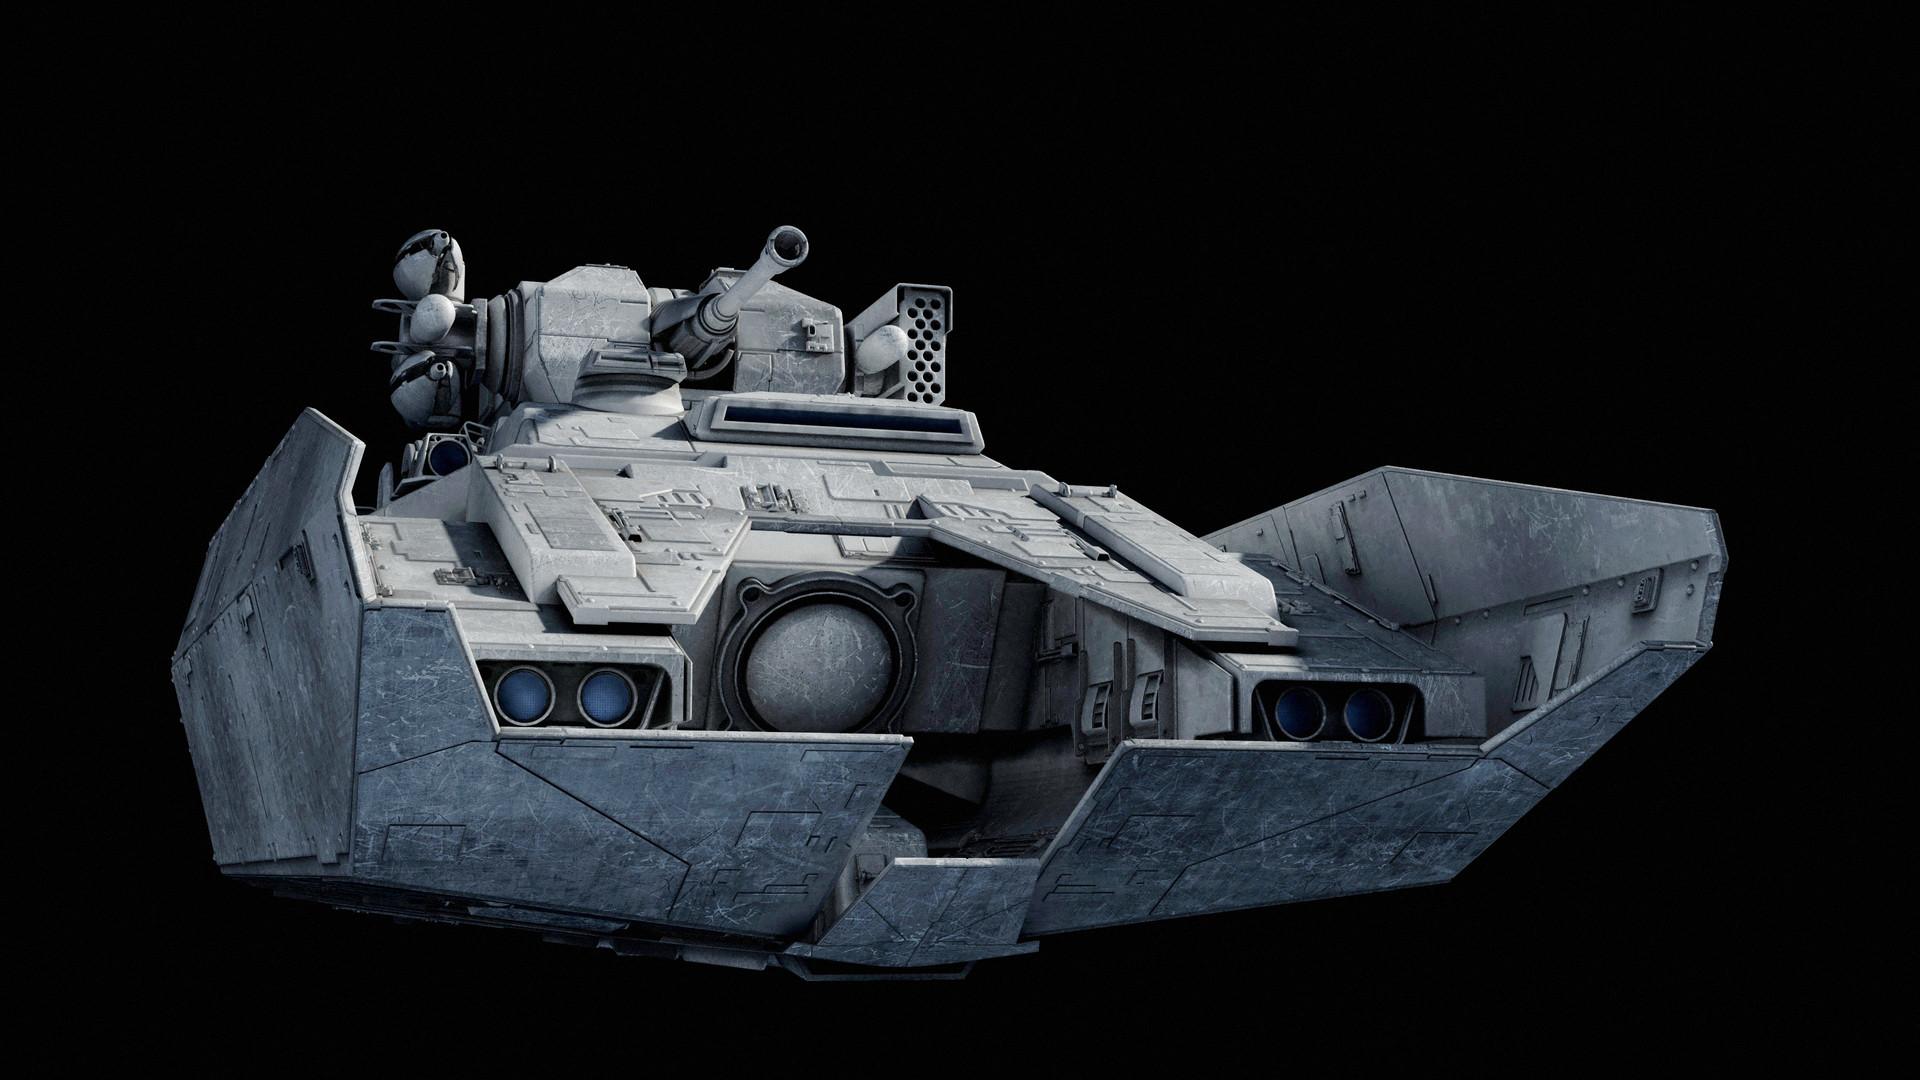 Ansel hsiao tank32